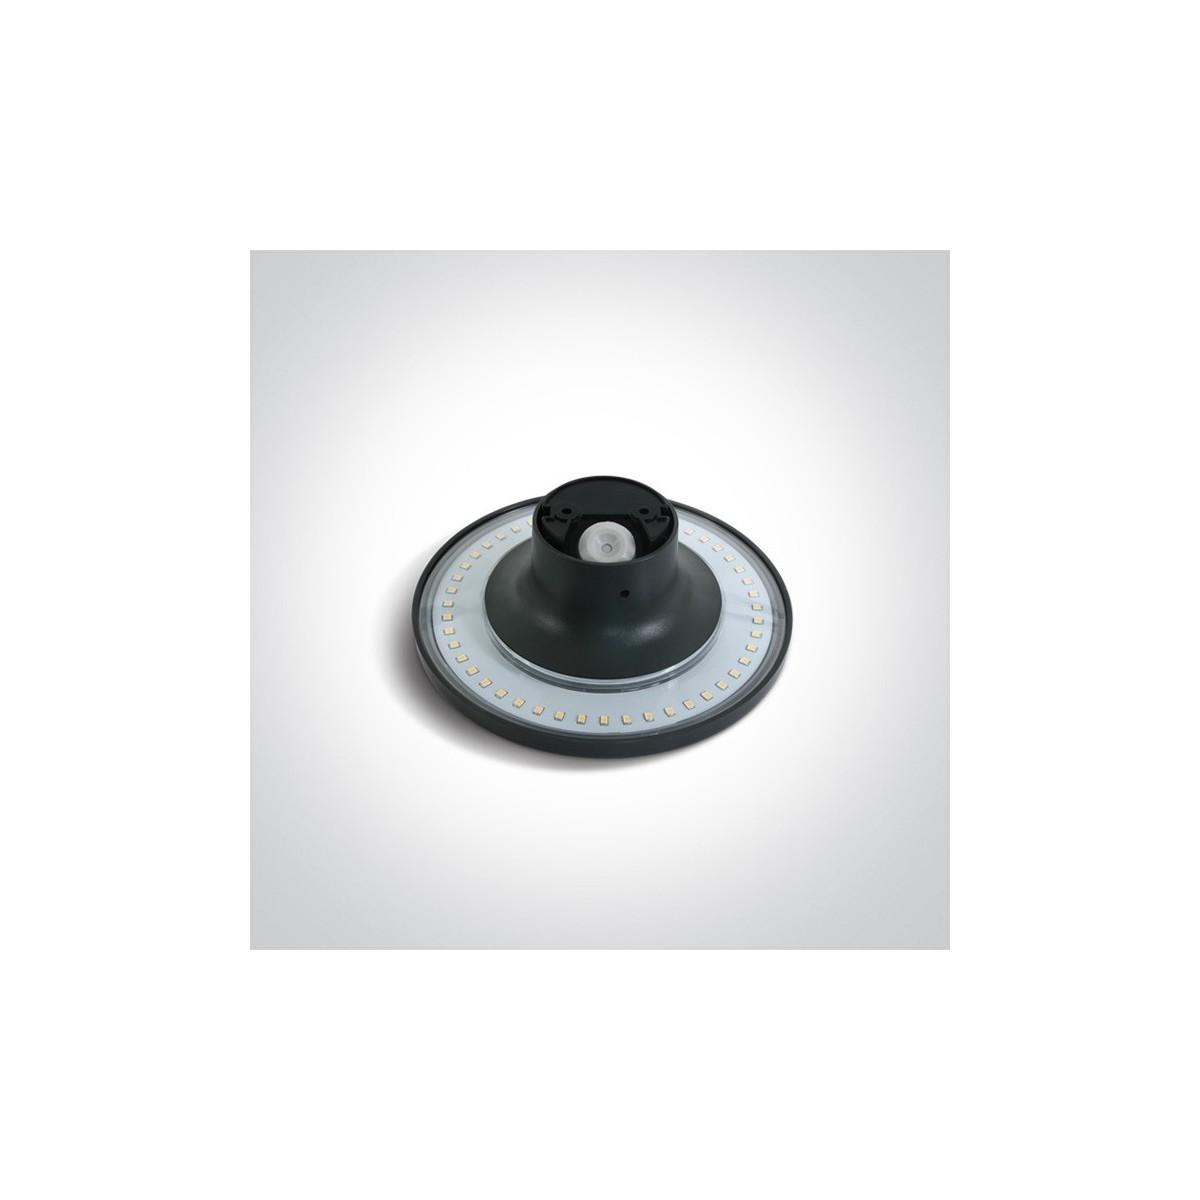 One Light kinkiet ścienny sufitowy podświetlany Fares 67450/AN/W IP54